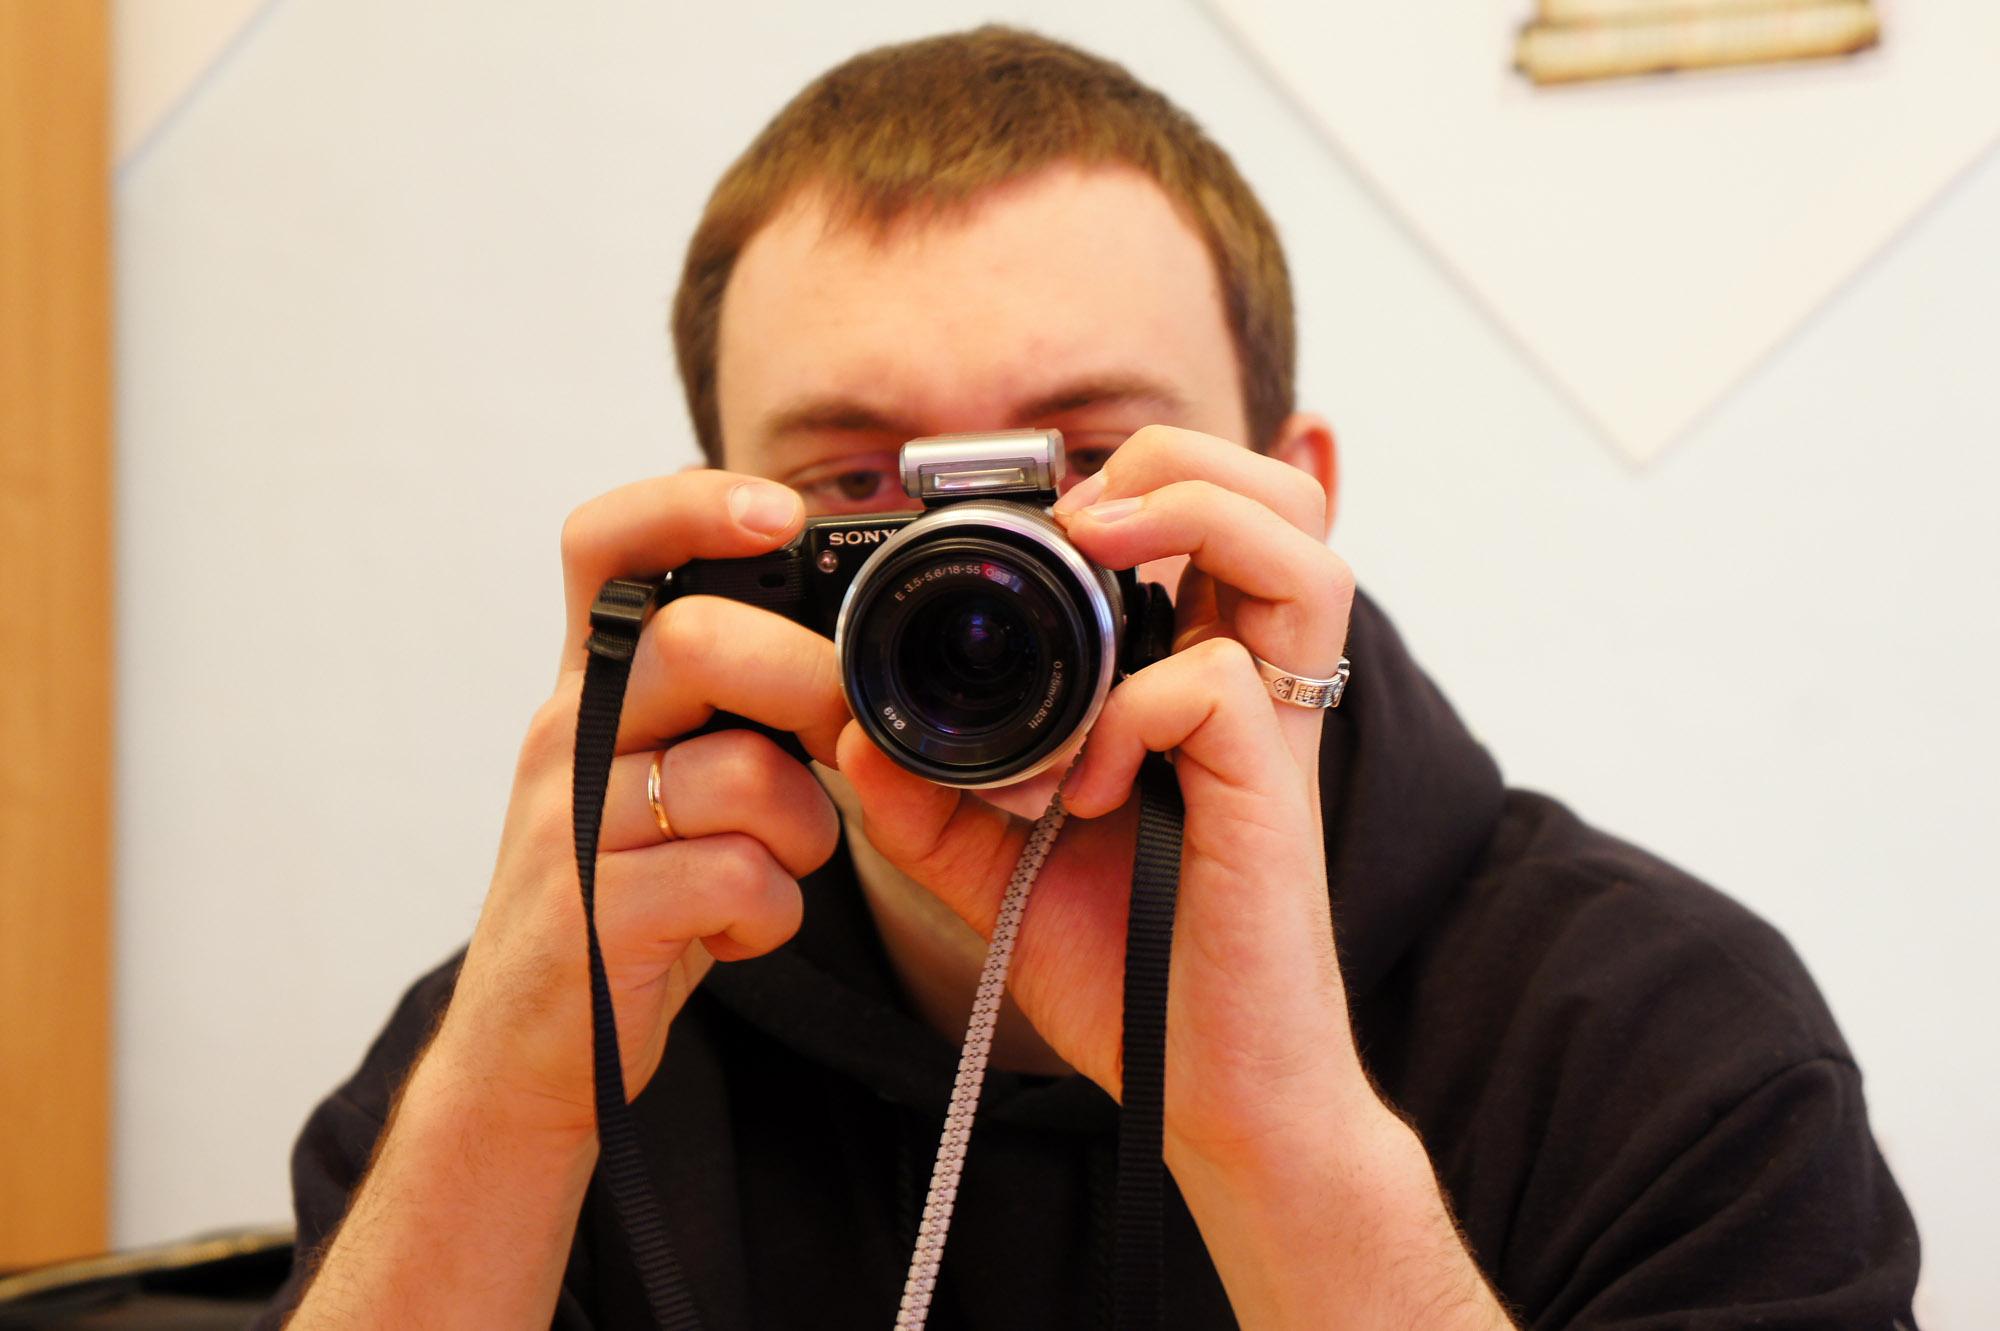 курсы фотографа для начинающих в москве недорого оксида